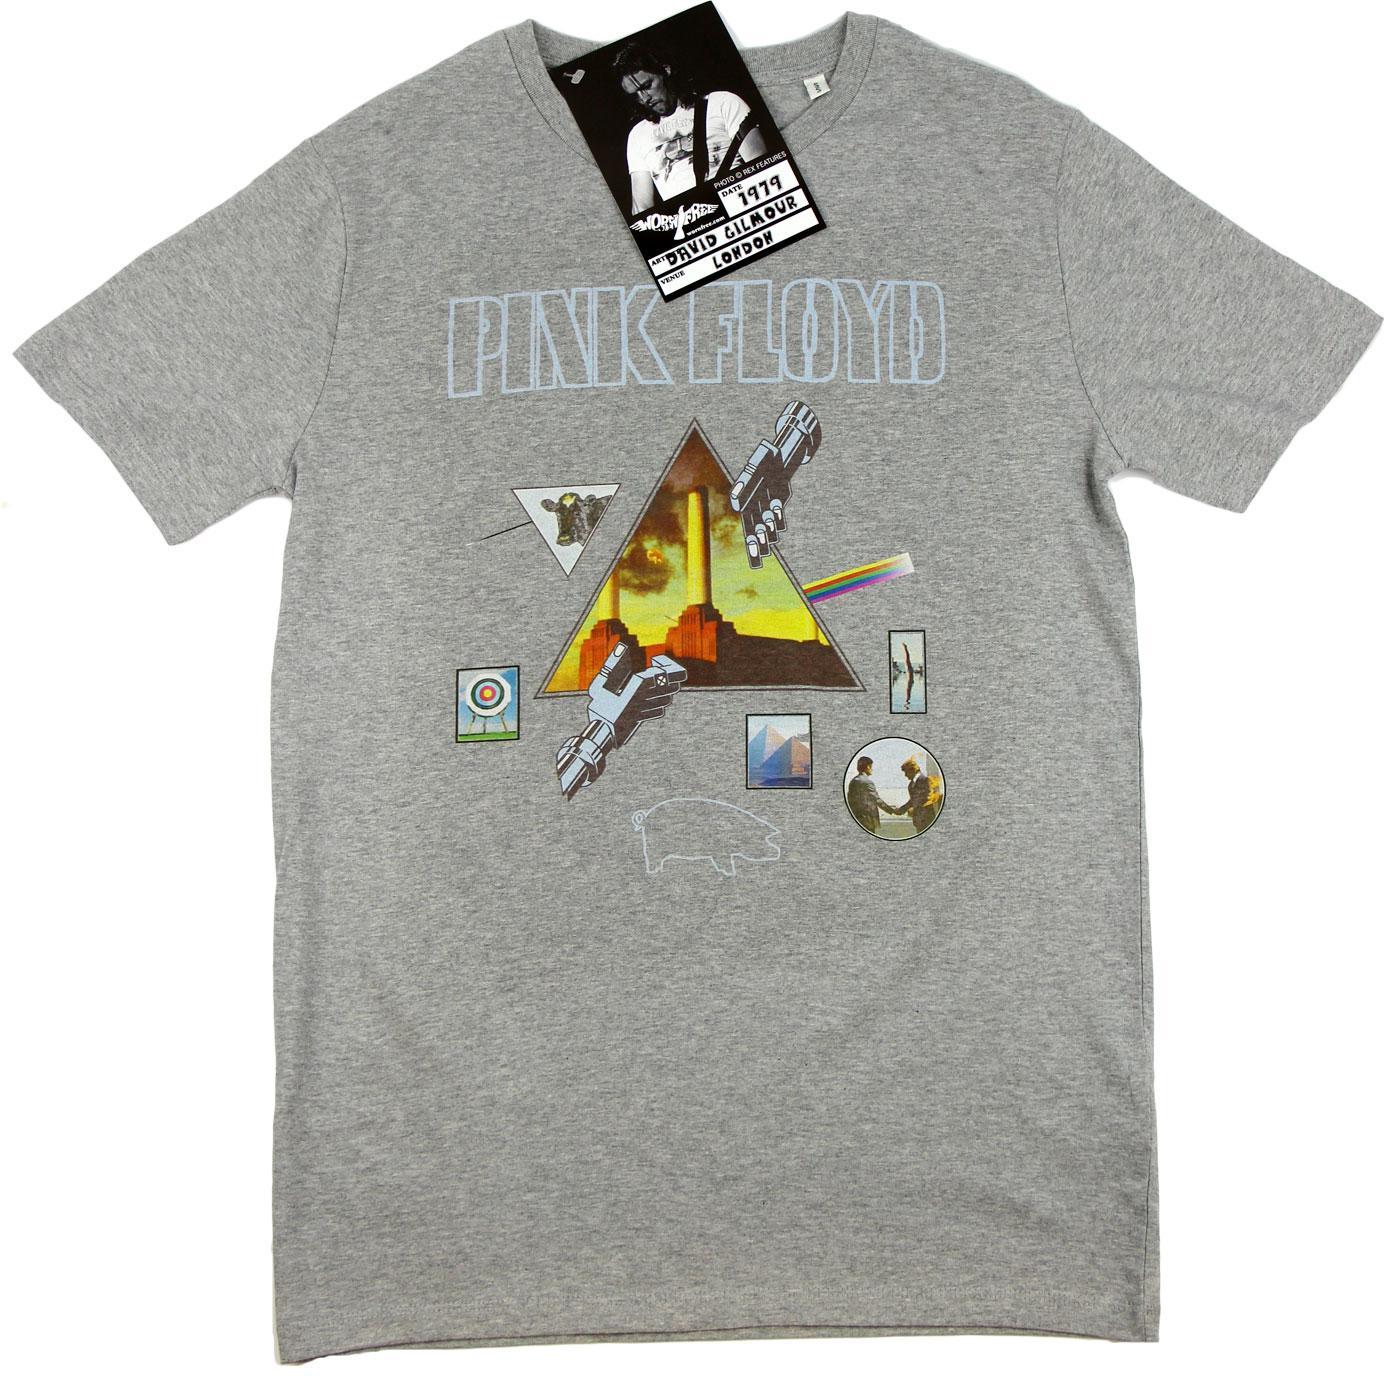 WORN FREE David Gilmour Pink Floyd Albums T-Shirt